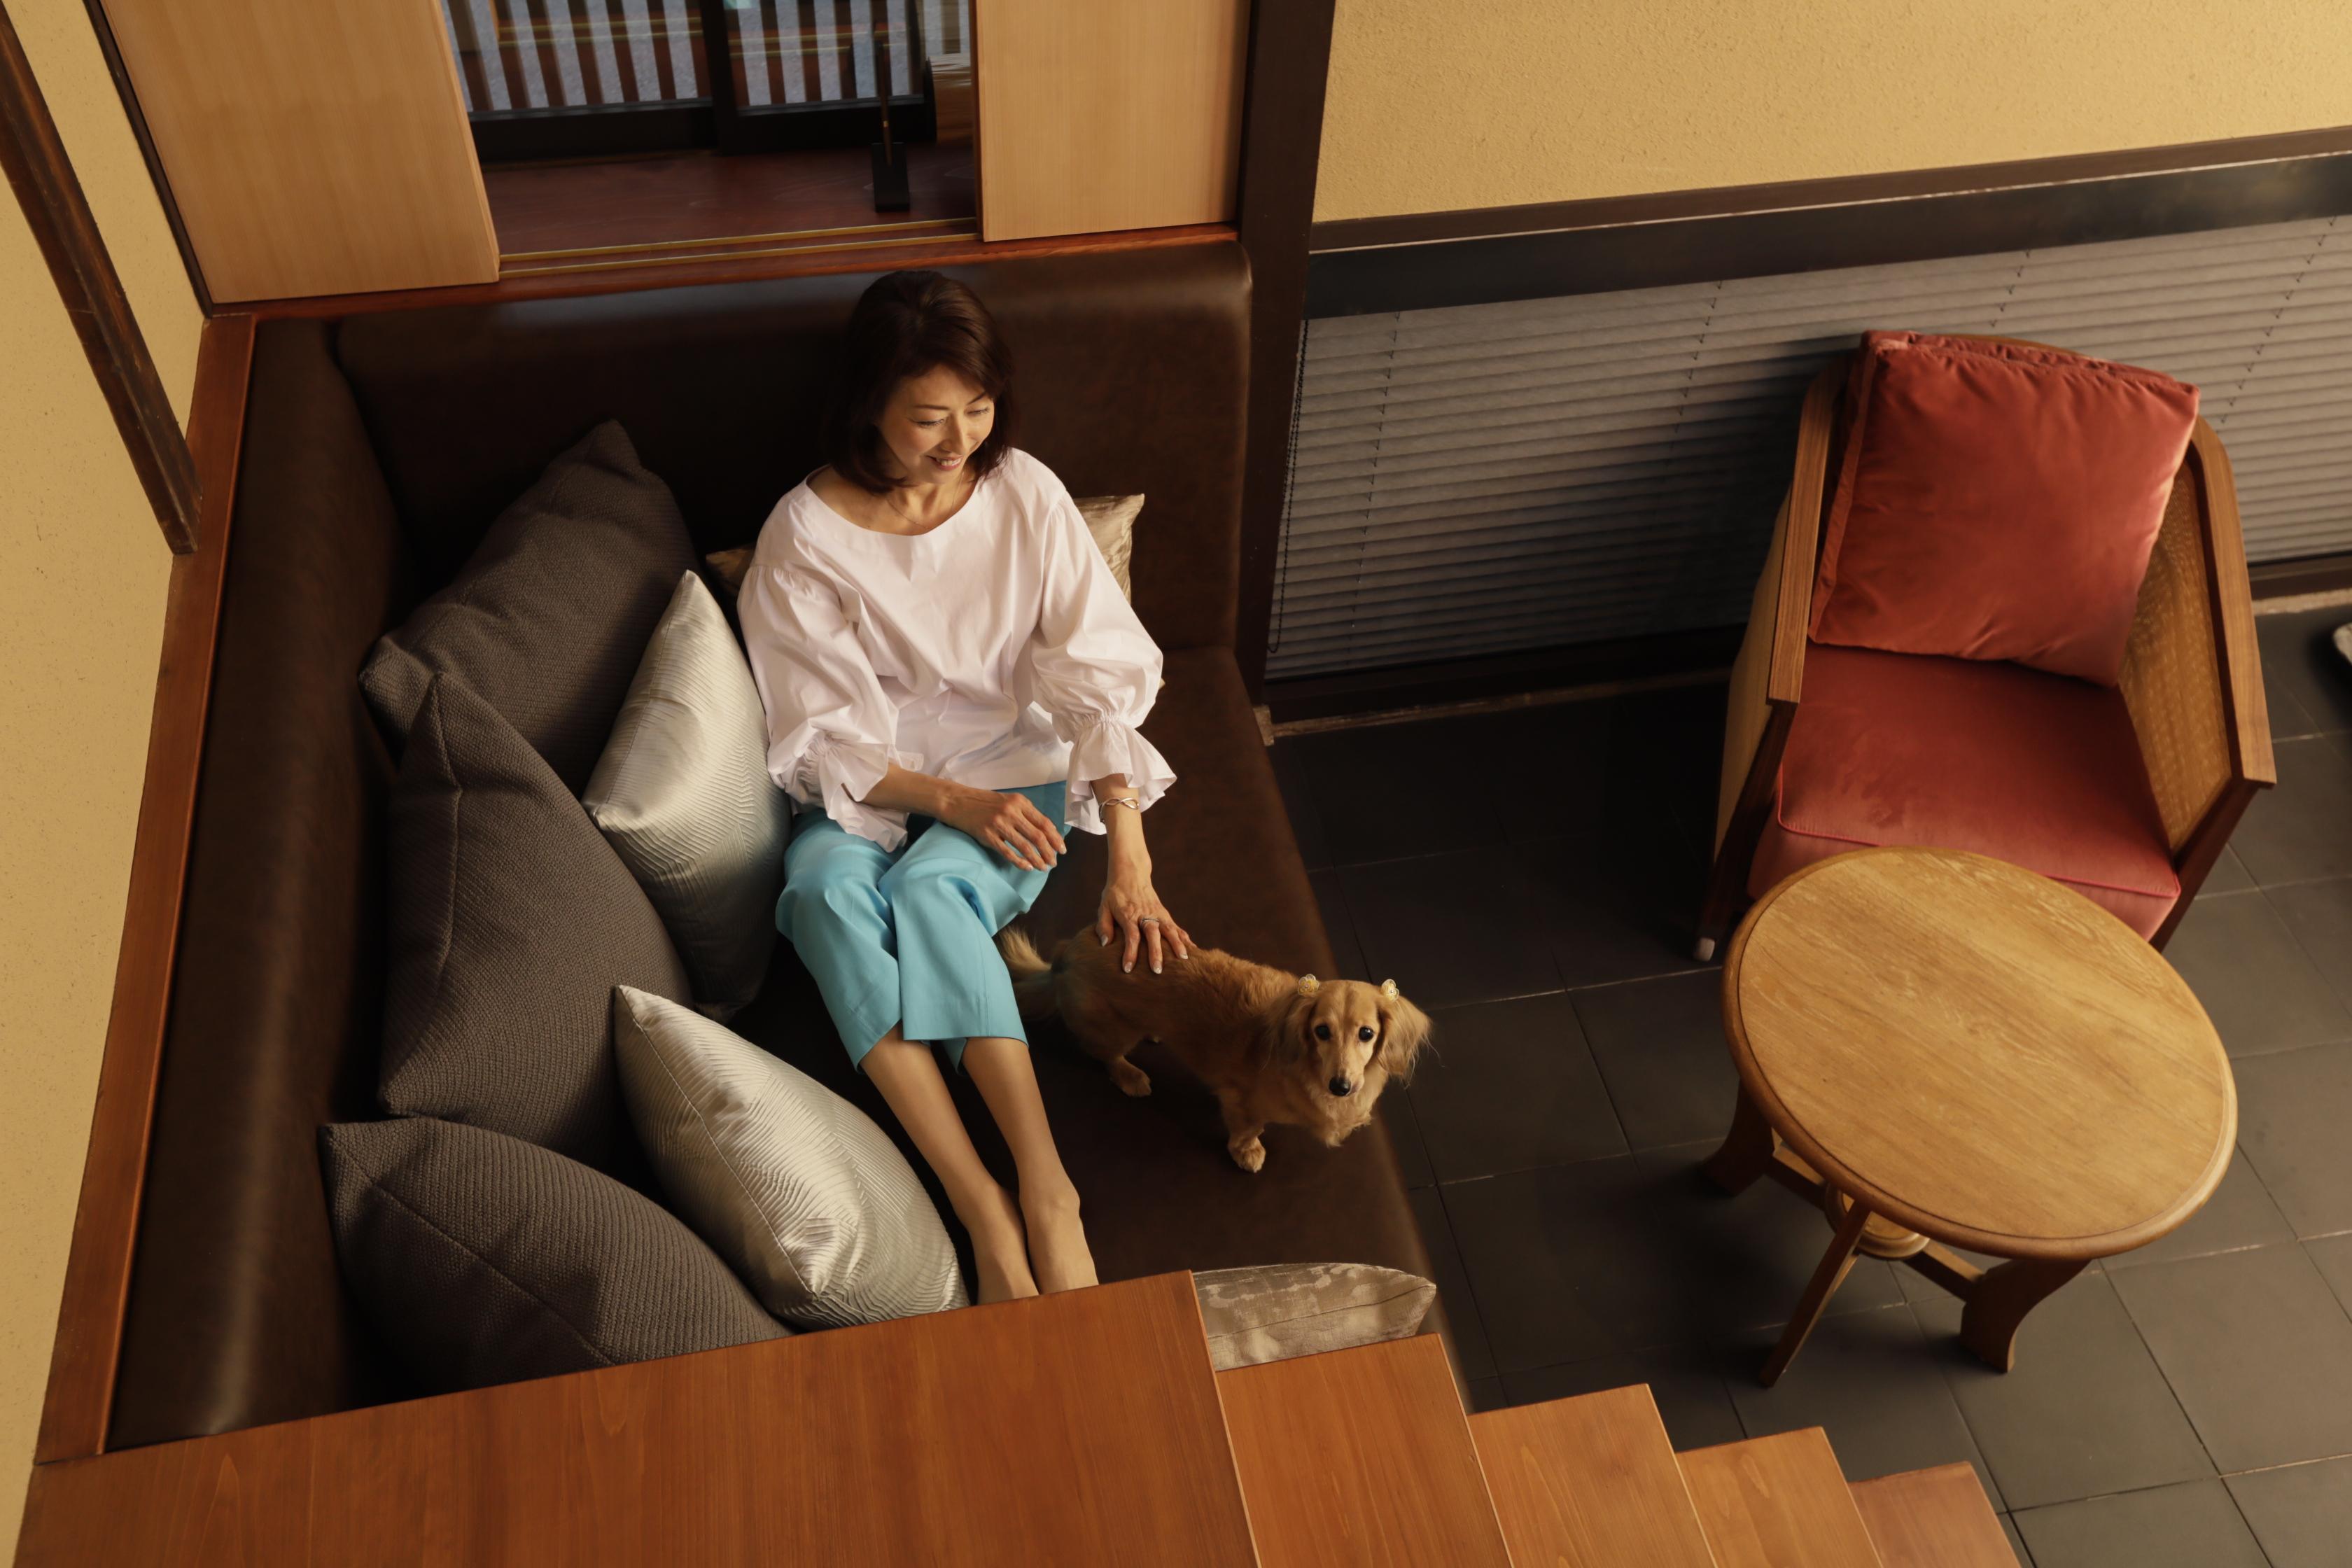 京都・祇園のラグジュアリーホテル「そわか」にペットと泊まれるお部屋が登場